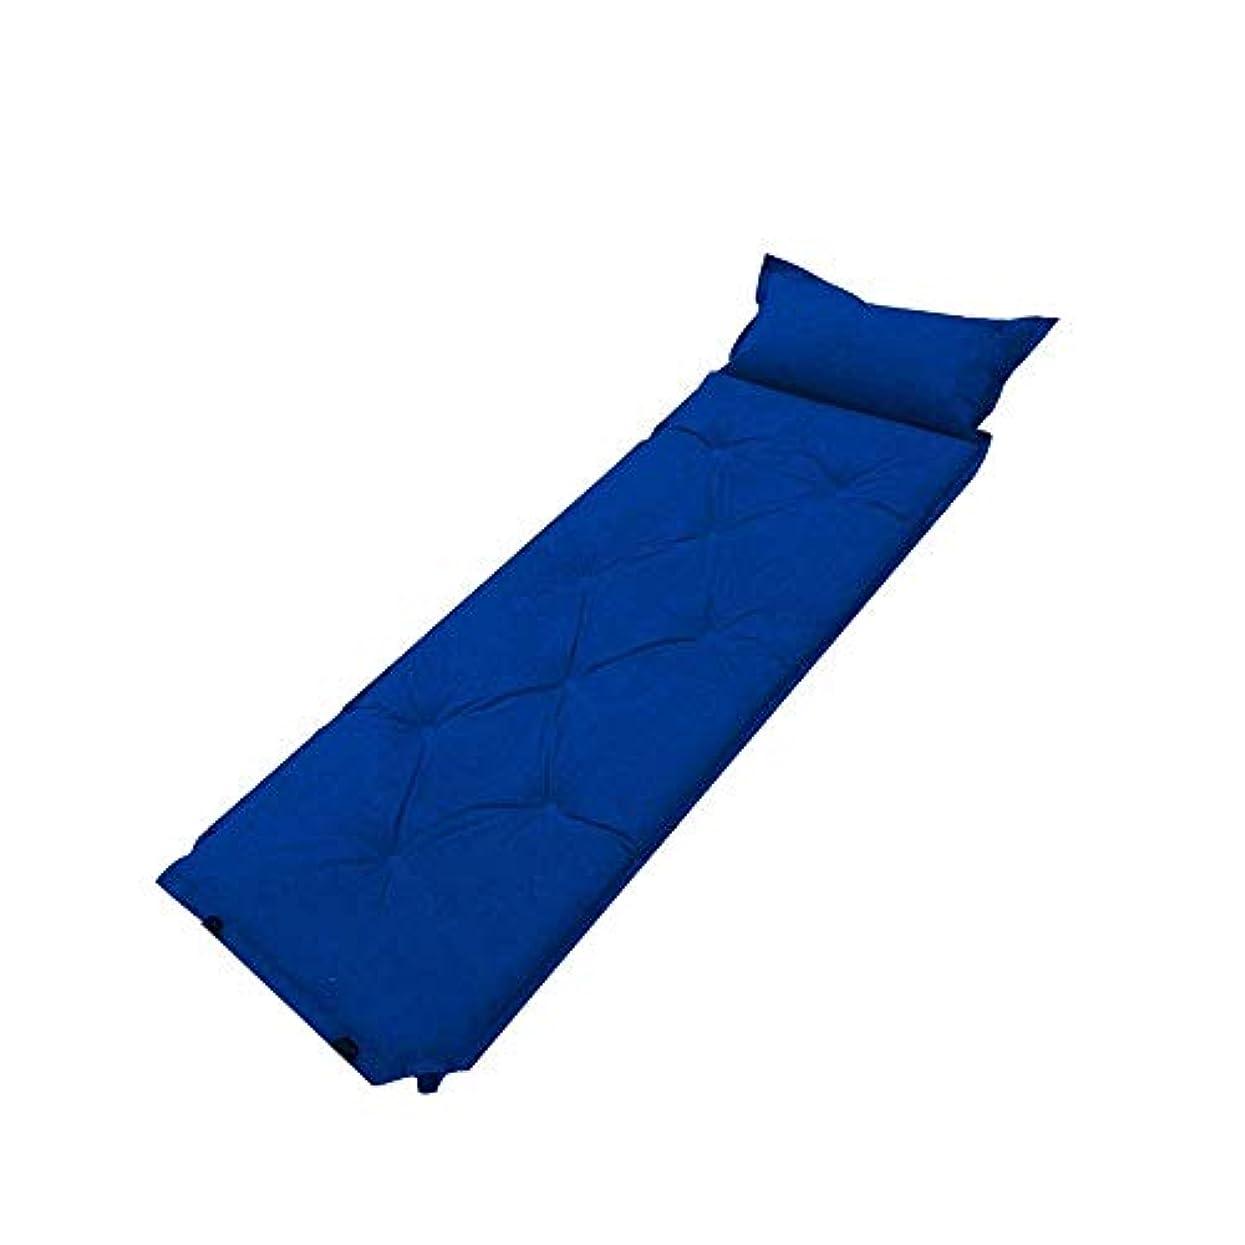 塩辛いアクセスできない副詞ZAQXSW 自動インフレータブルクッションダブルポータブル広がった厚い屋外防湿エアベッドポータブル家庭用テントスリーピングパッド (Color : Blue)